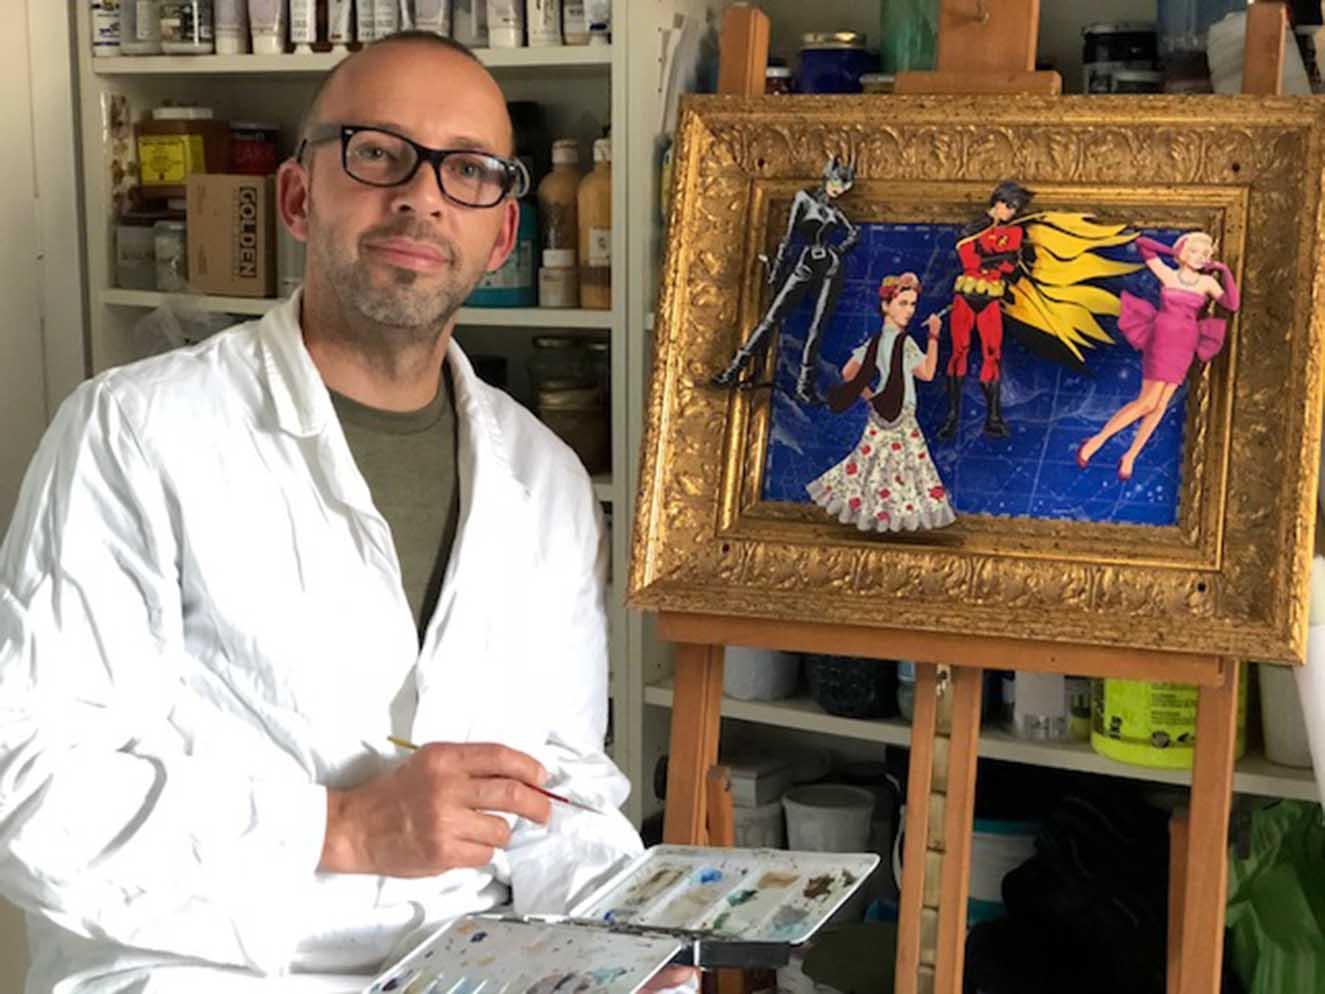 El artista Gabriel Ortega finalizando una de sus obras. Fotografía: cortesía Gabriel Ortega.